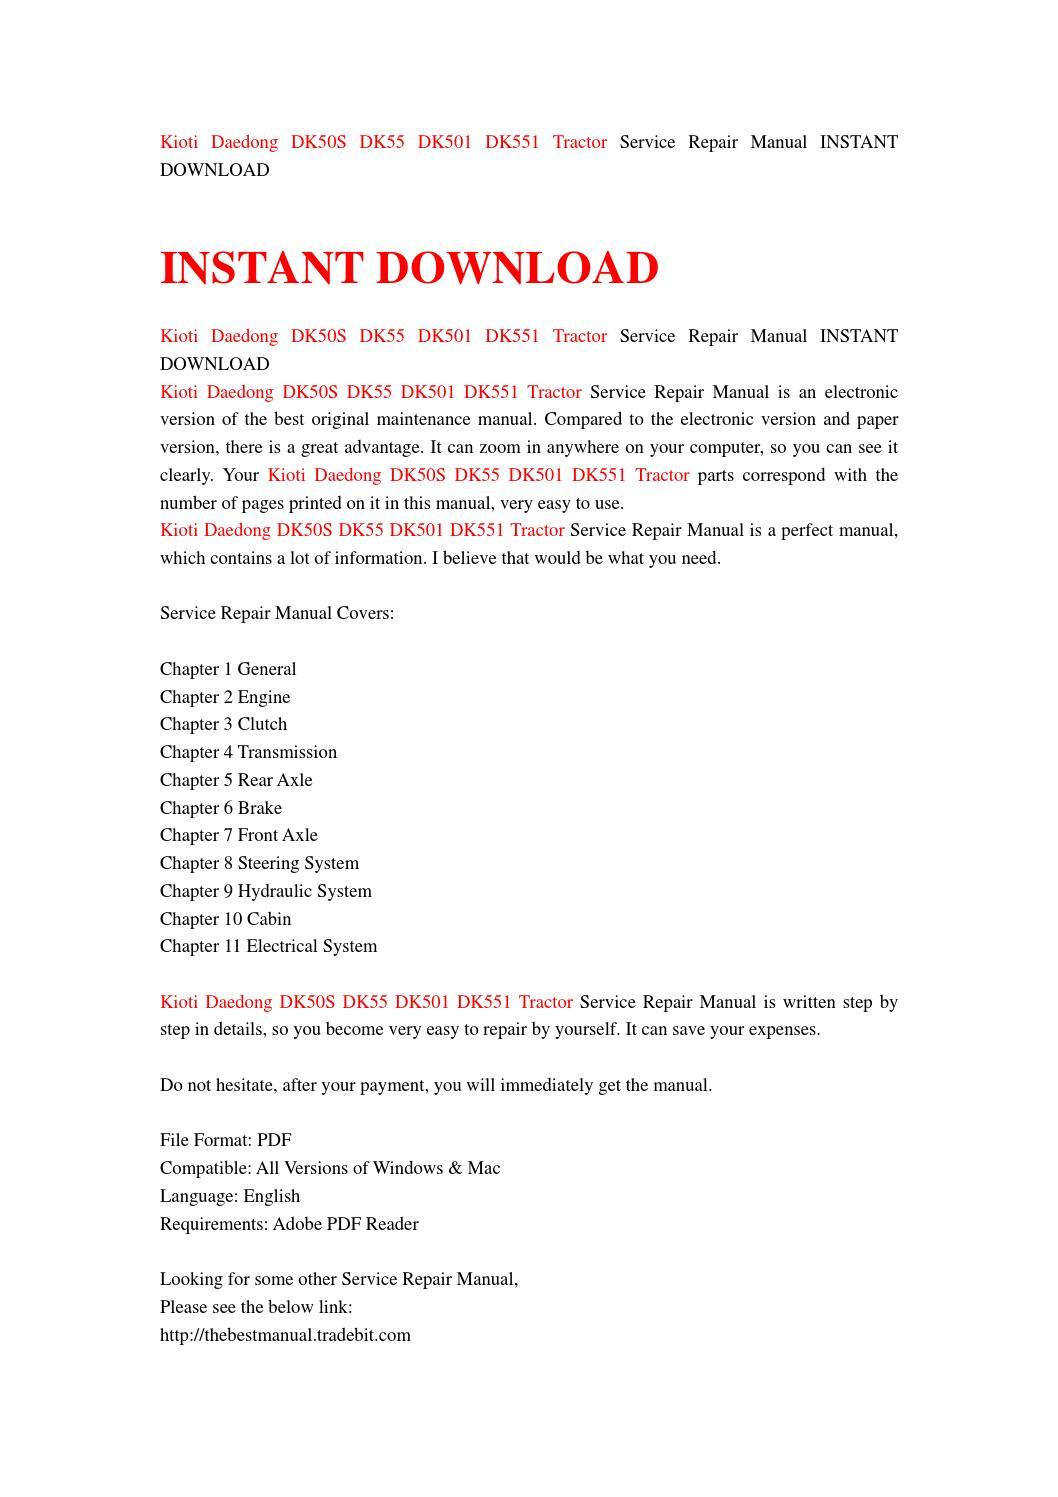 kioti daedong dk50s dk55 dk501 dk551 tractor service repair manual instant download